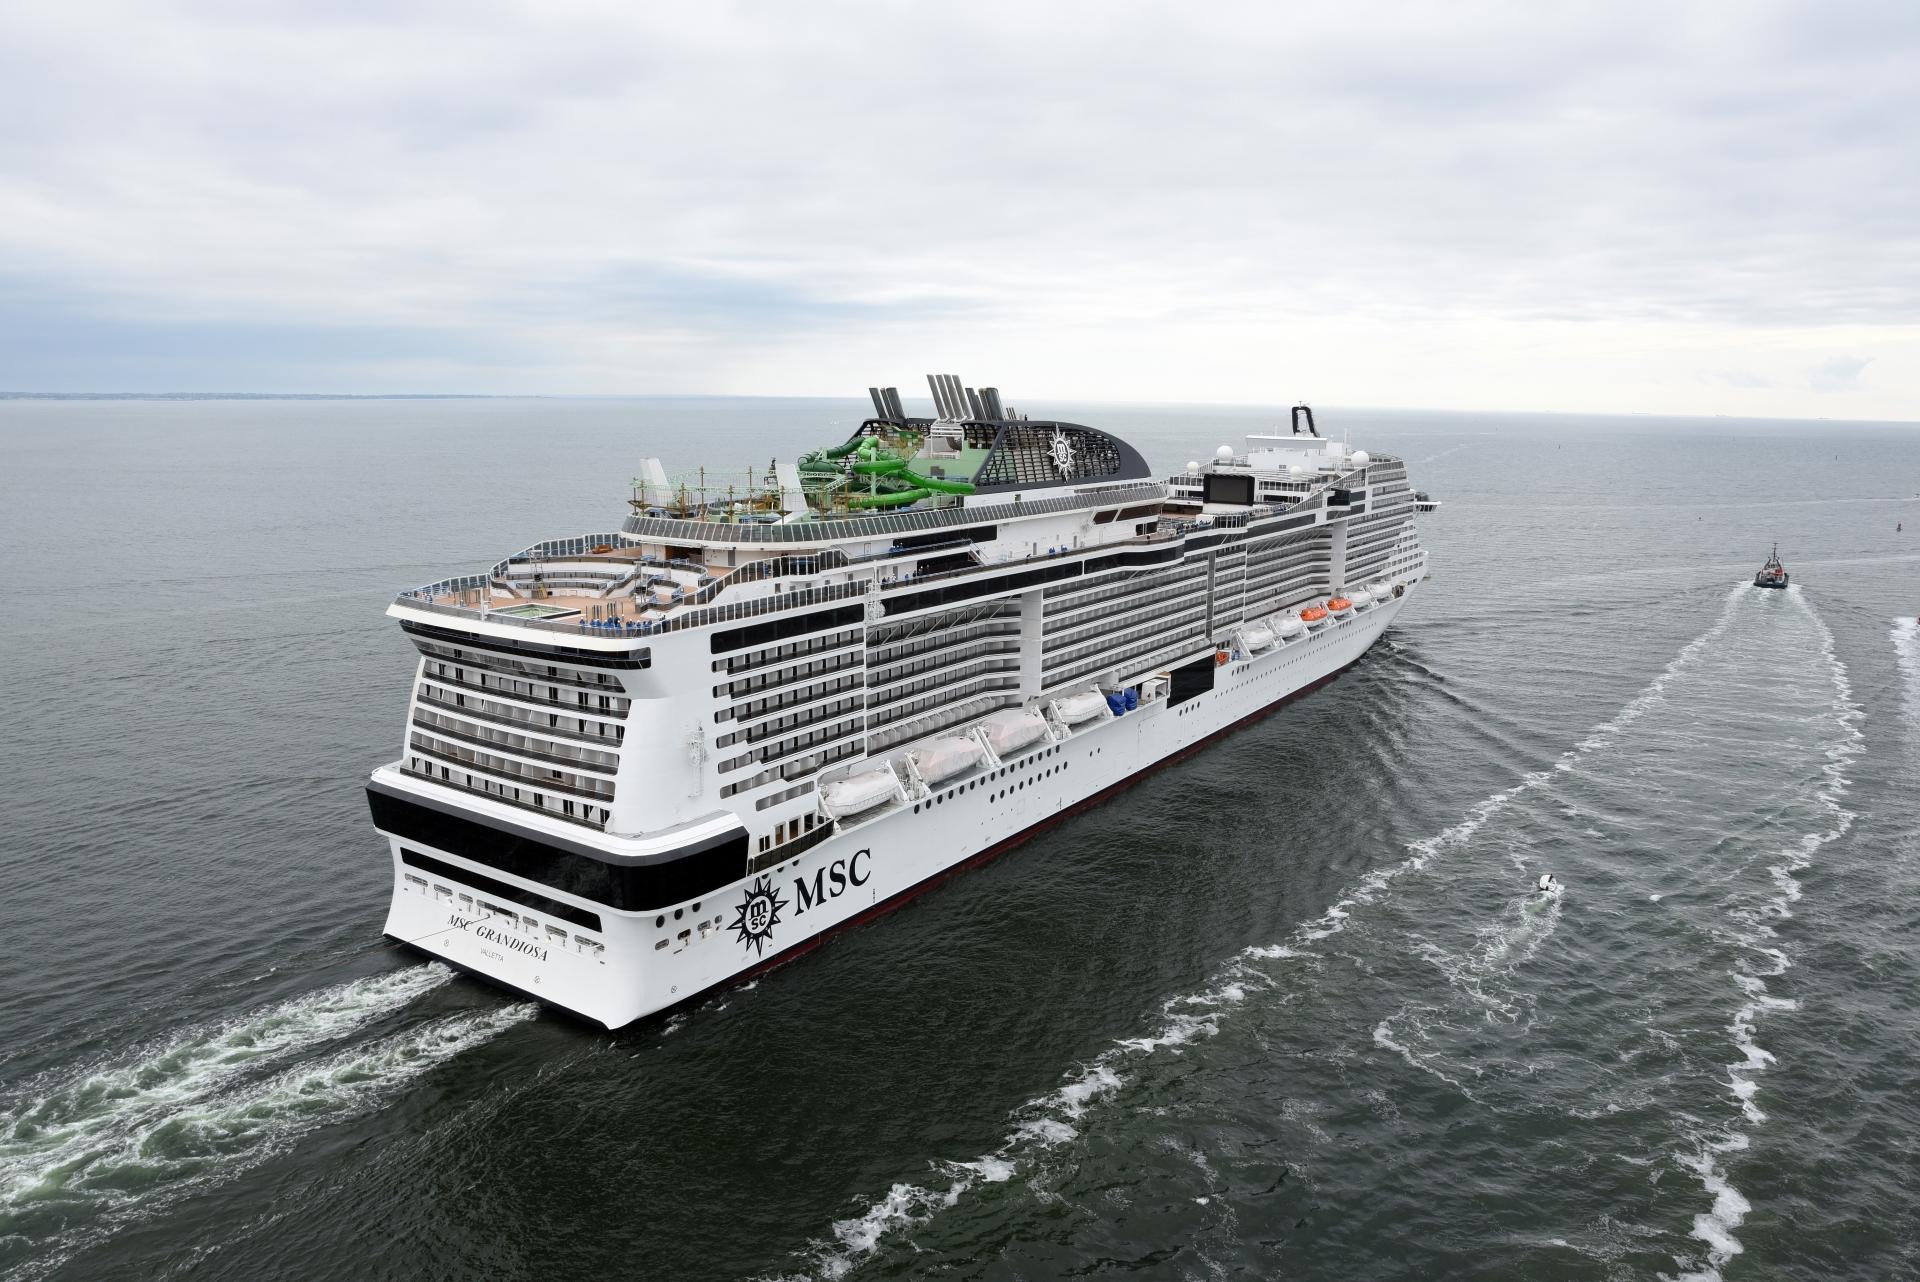 Schiffsreisenportal-Kreuzfahrten-Schiffsreisen-Weltreisen_MSC-Grandiosa-MSC Cruises S.A.